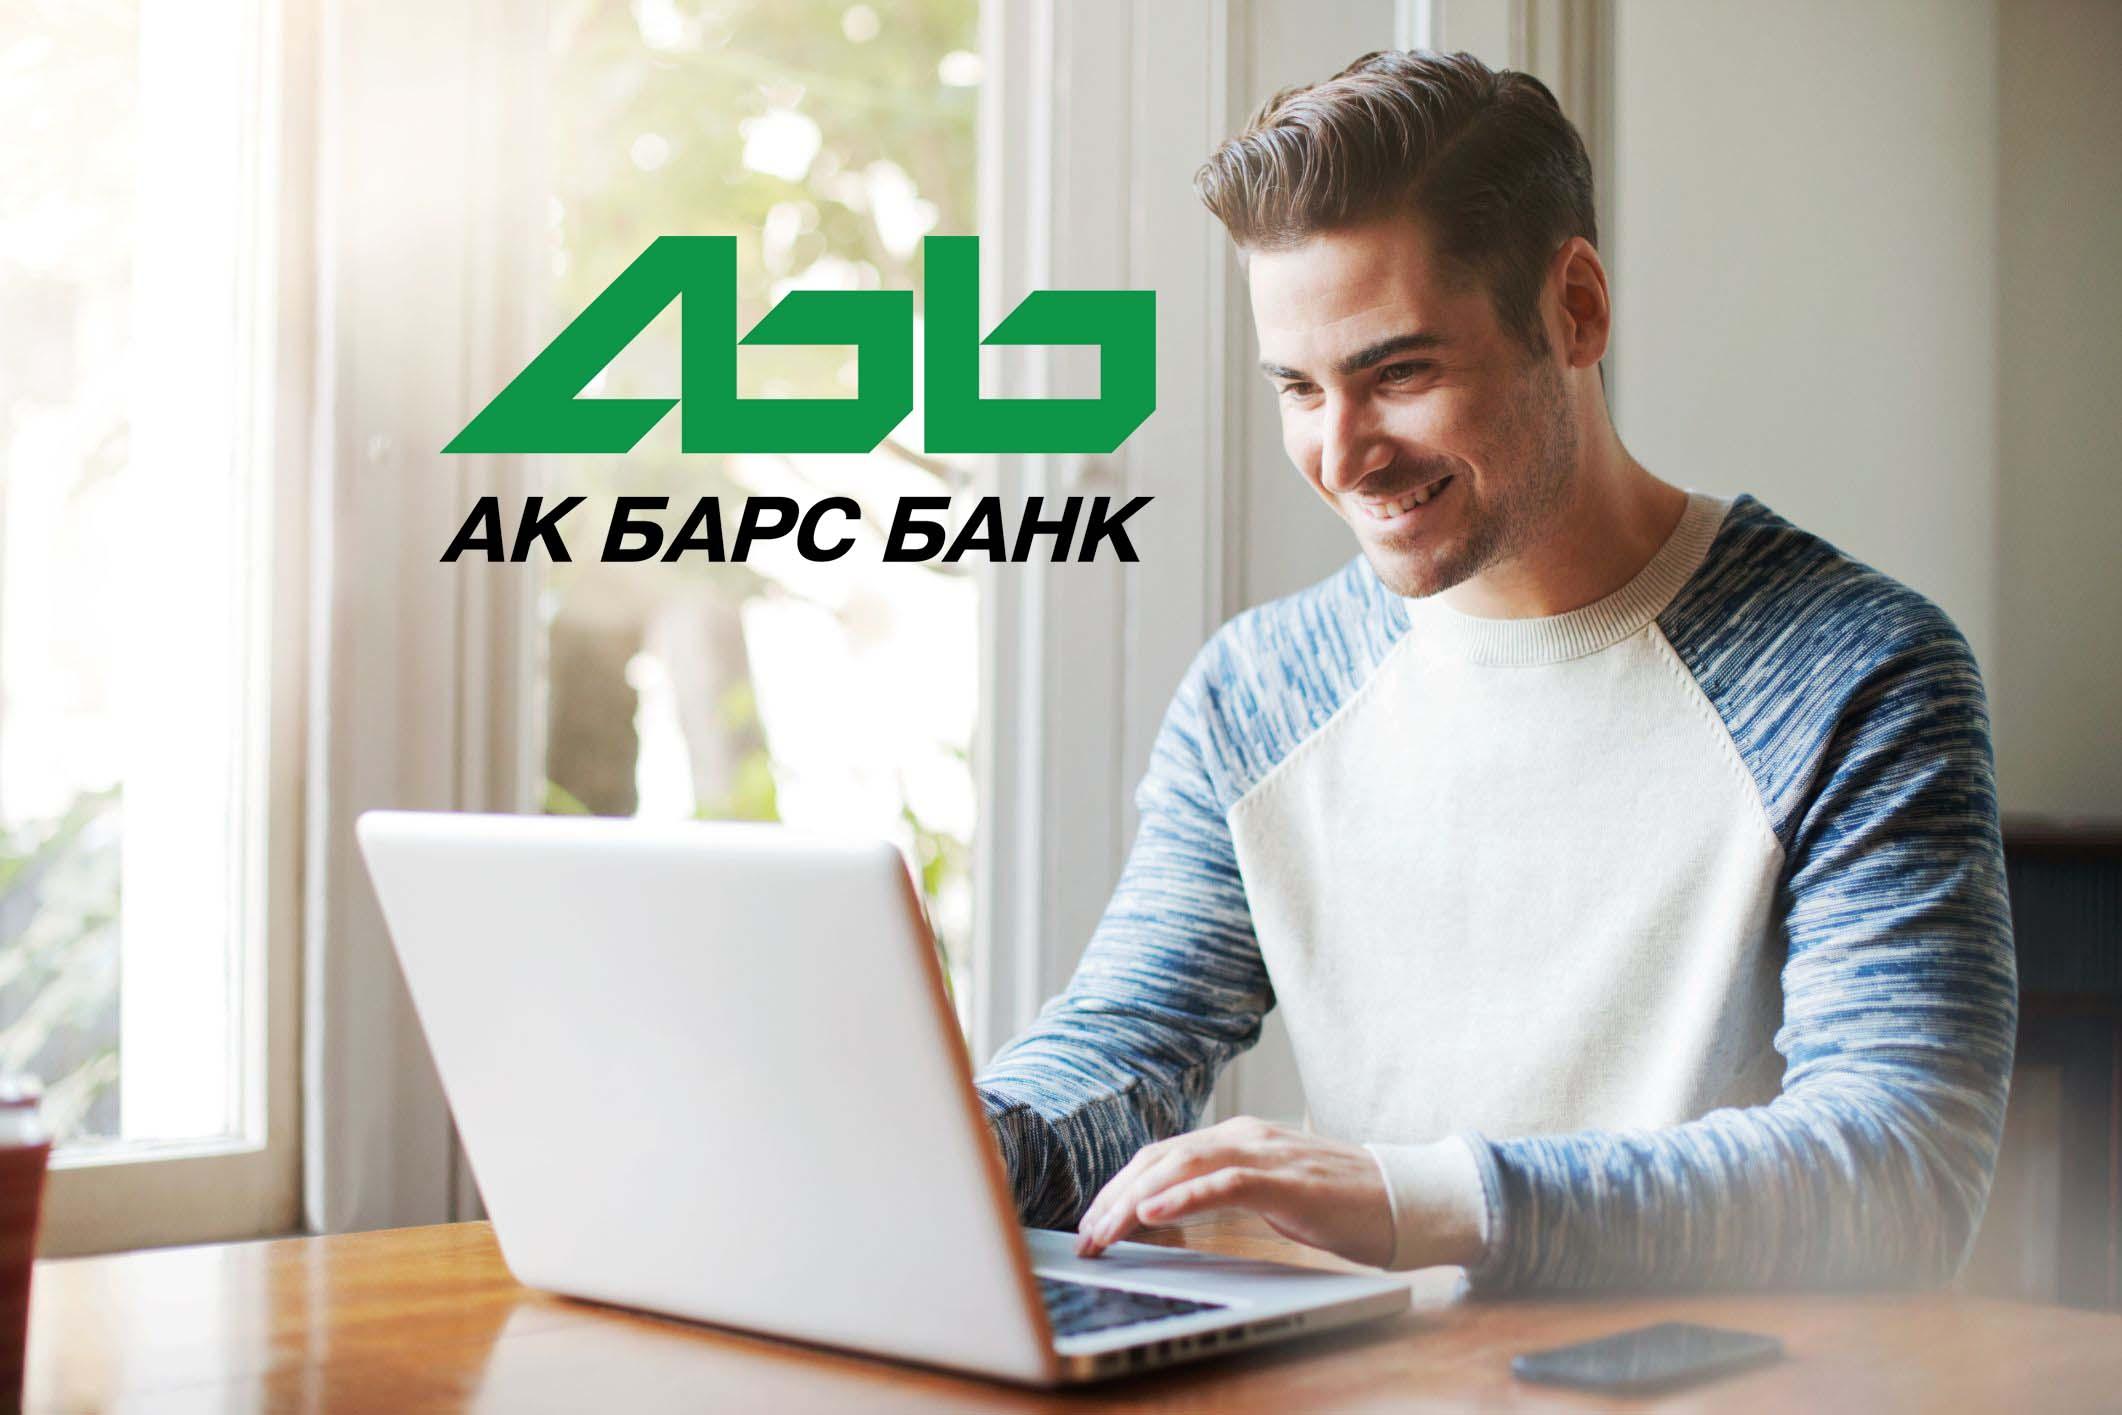 европа банк подать заявку на кредит онлайн